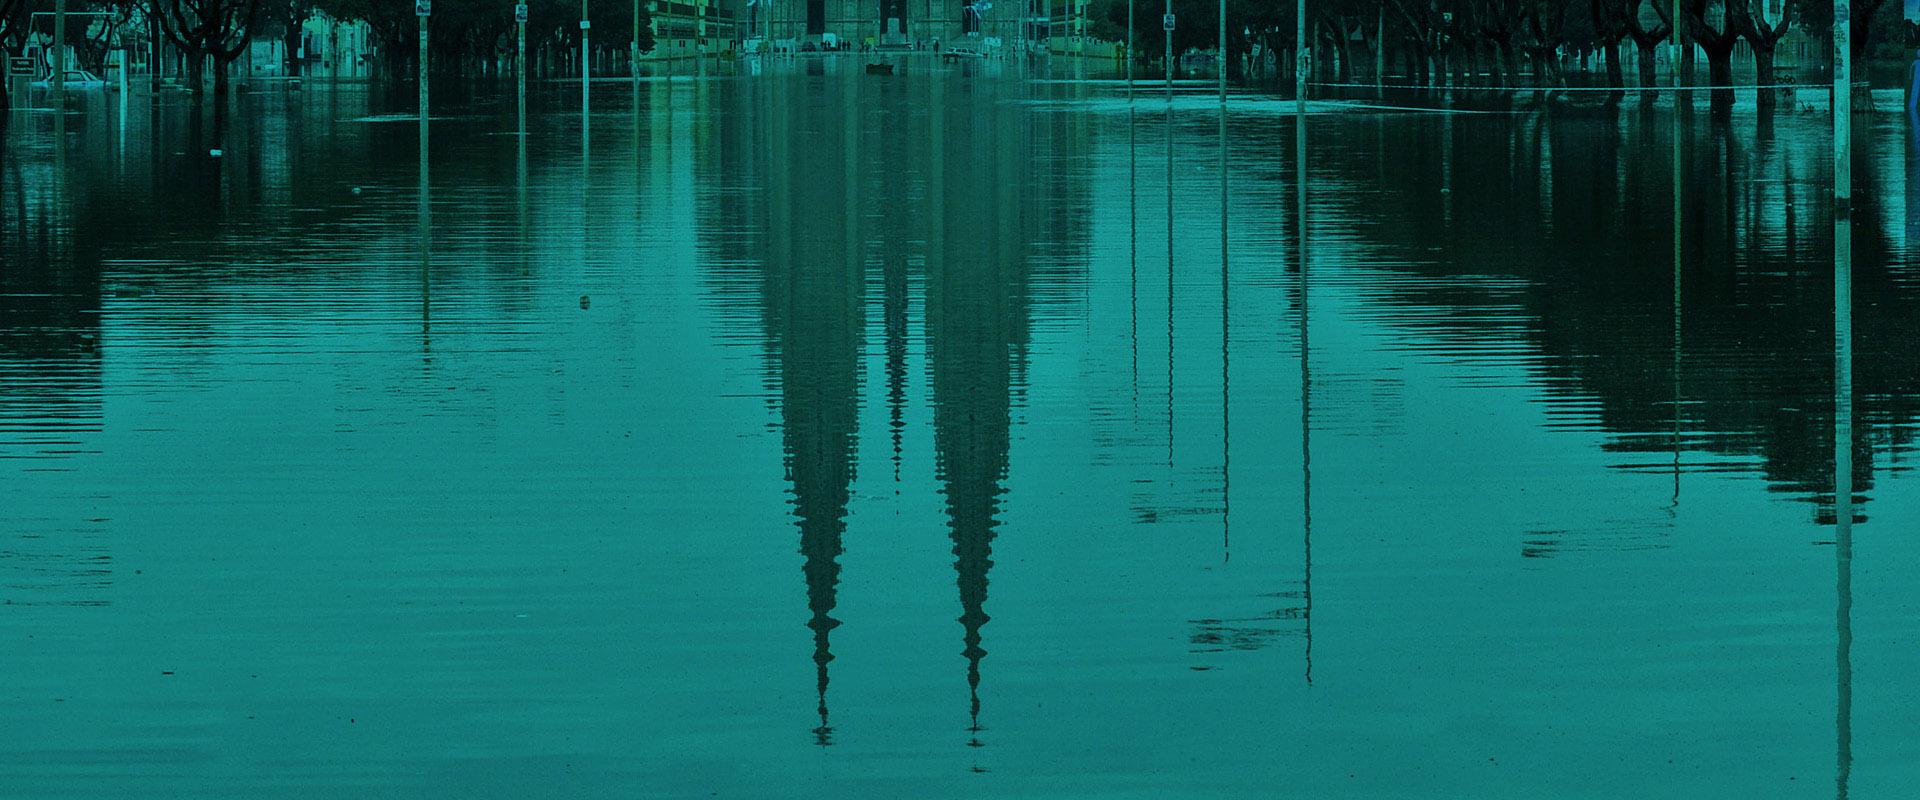 profesjonalne zabezpieczenia przeciwpowodziowe - bariery przeciwpowodziowe